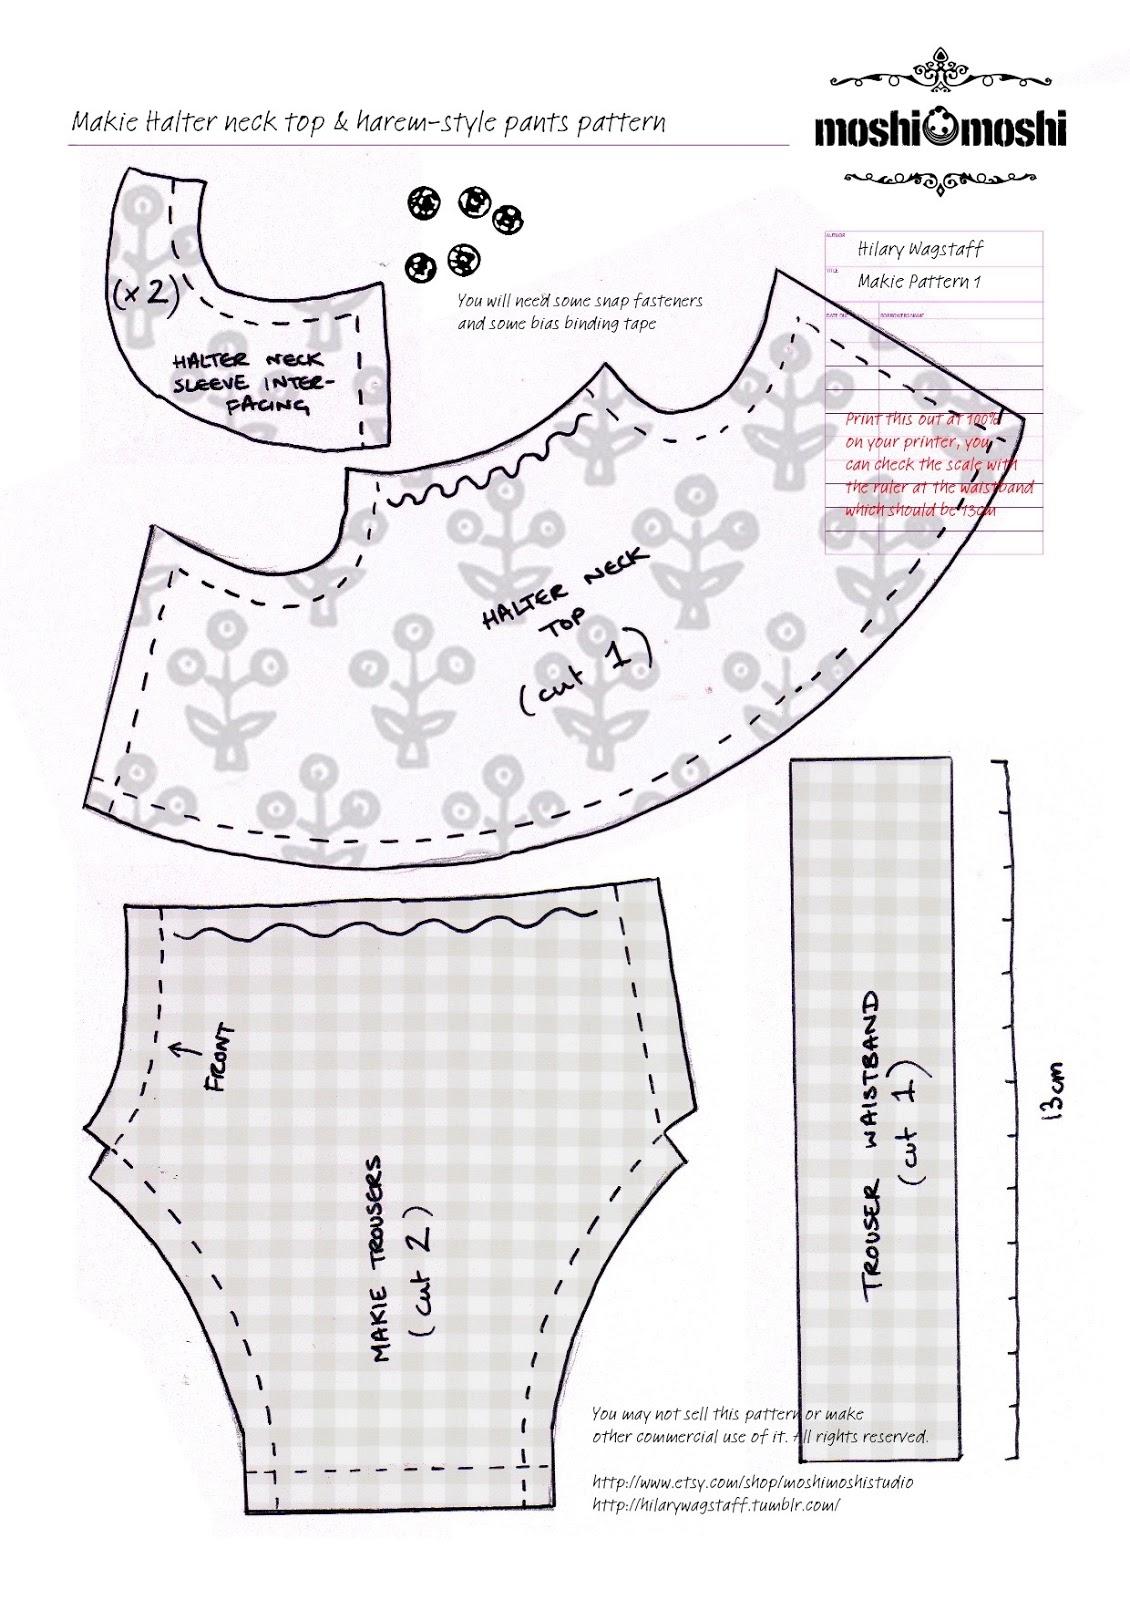 Moshi Moshi Makie Patterns